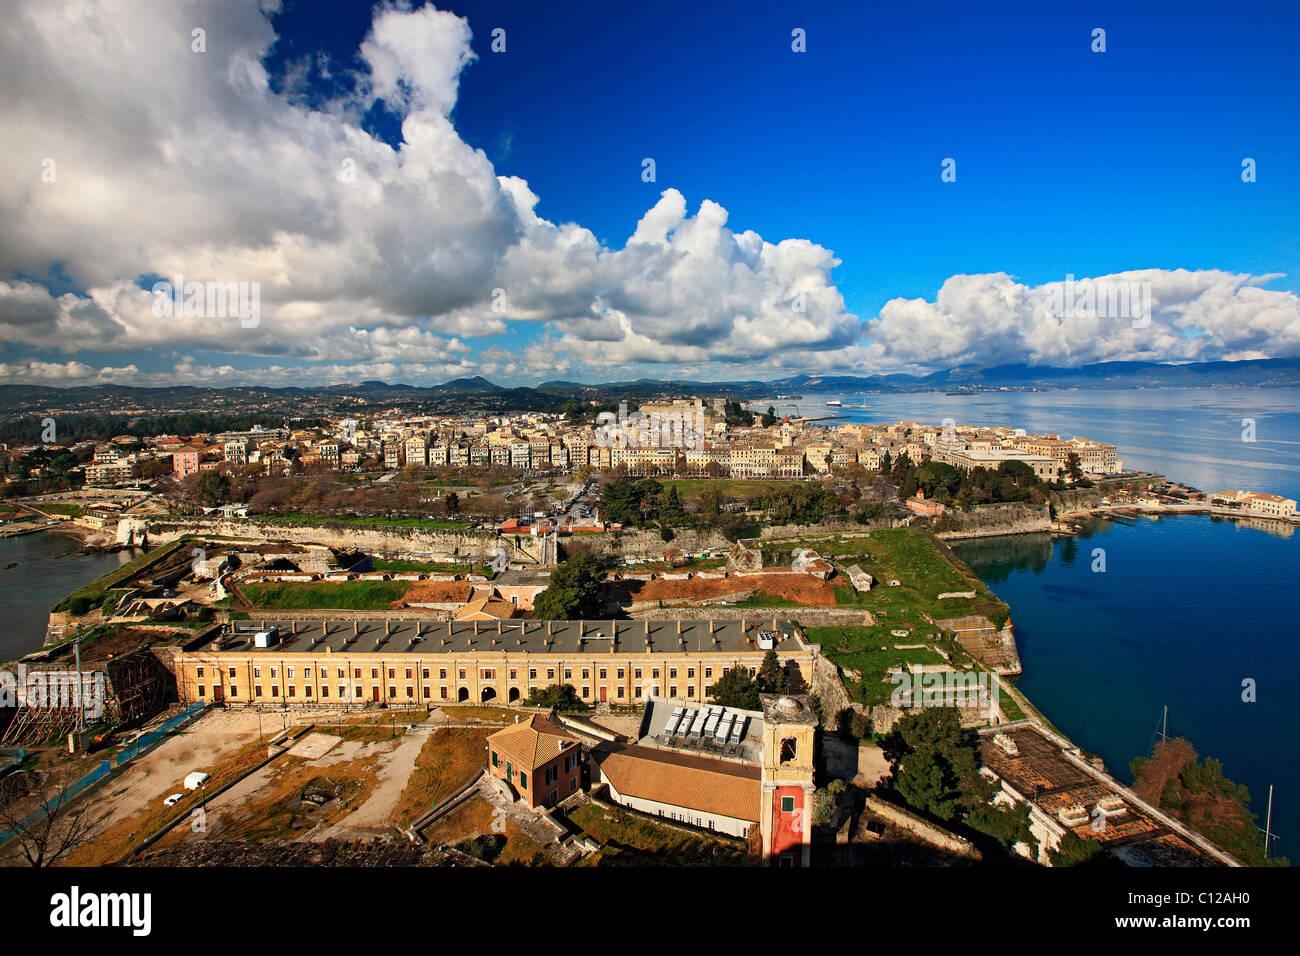 Panoramic view of Corfu town, Kerkyra Island, Greece - Stock Image